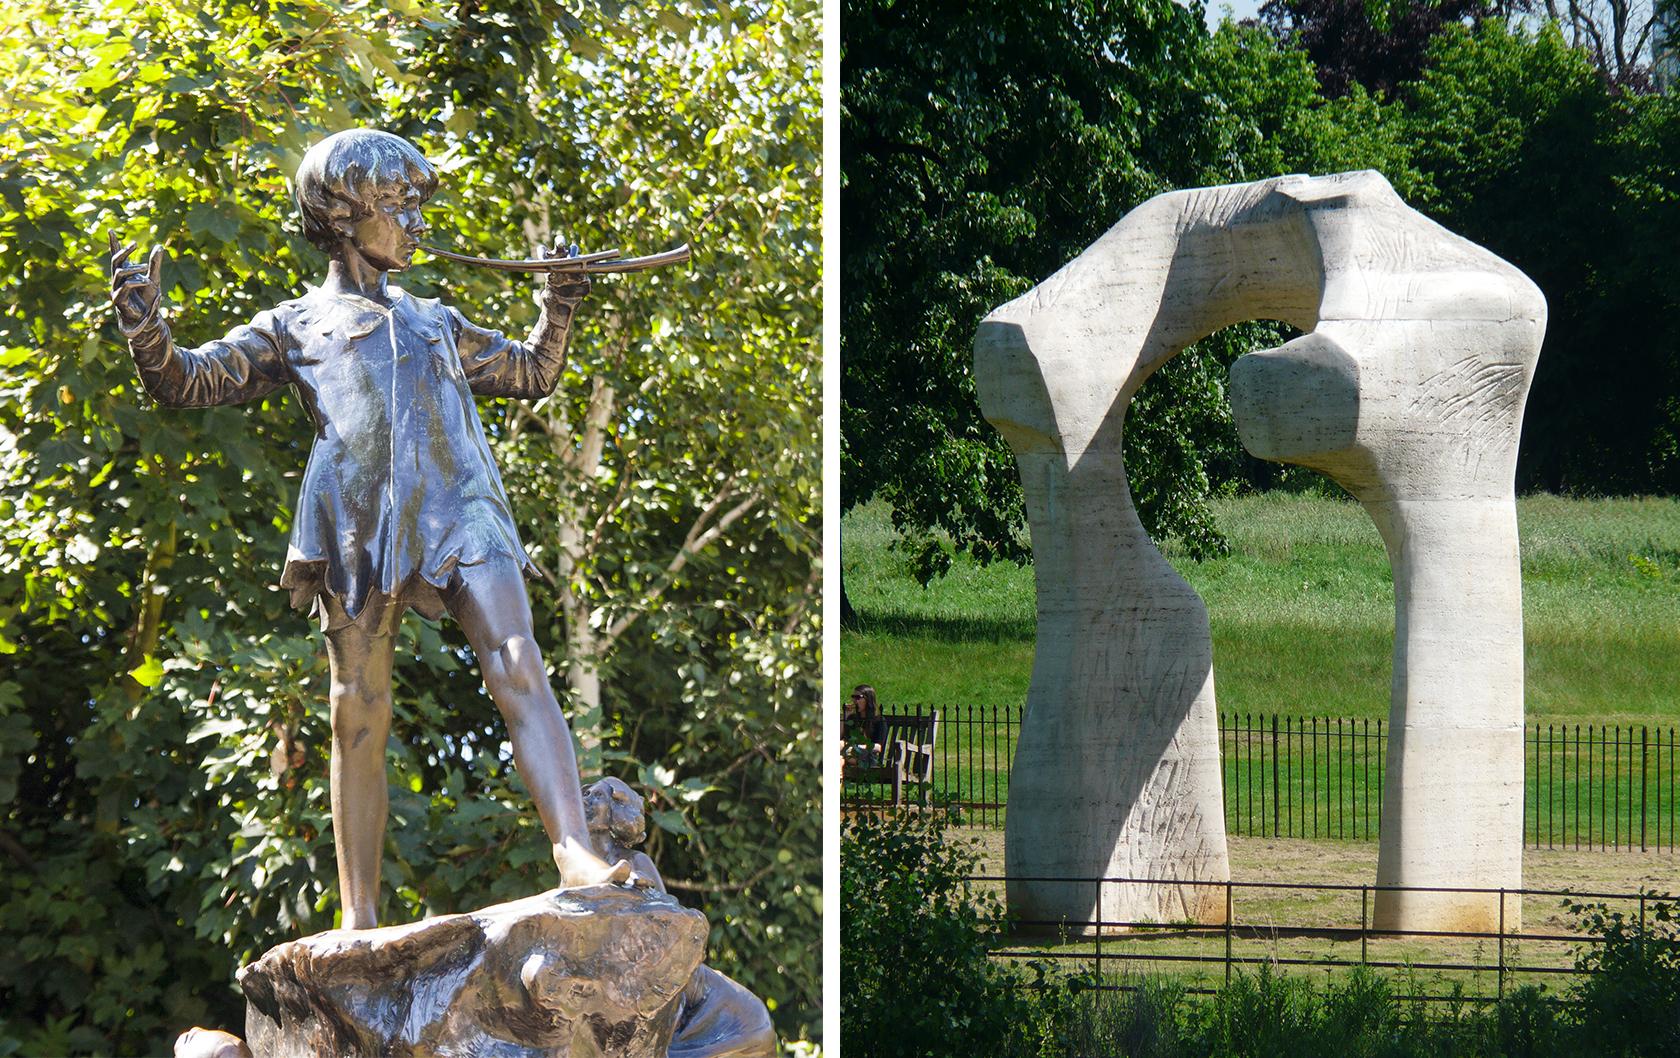 Sculptures in Kensington Gardens